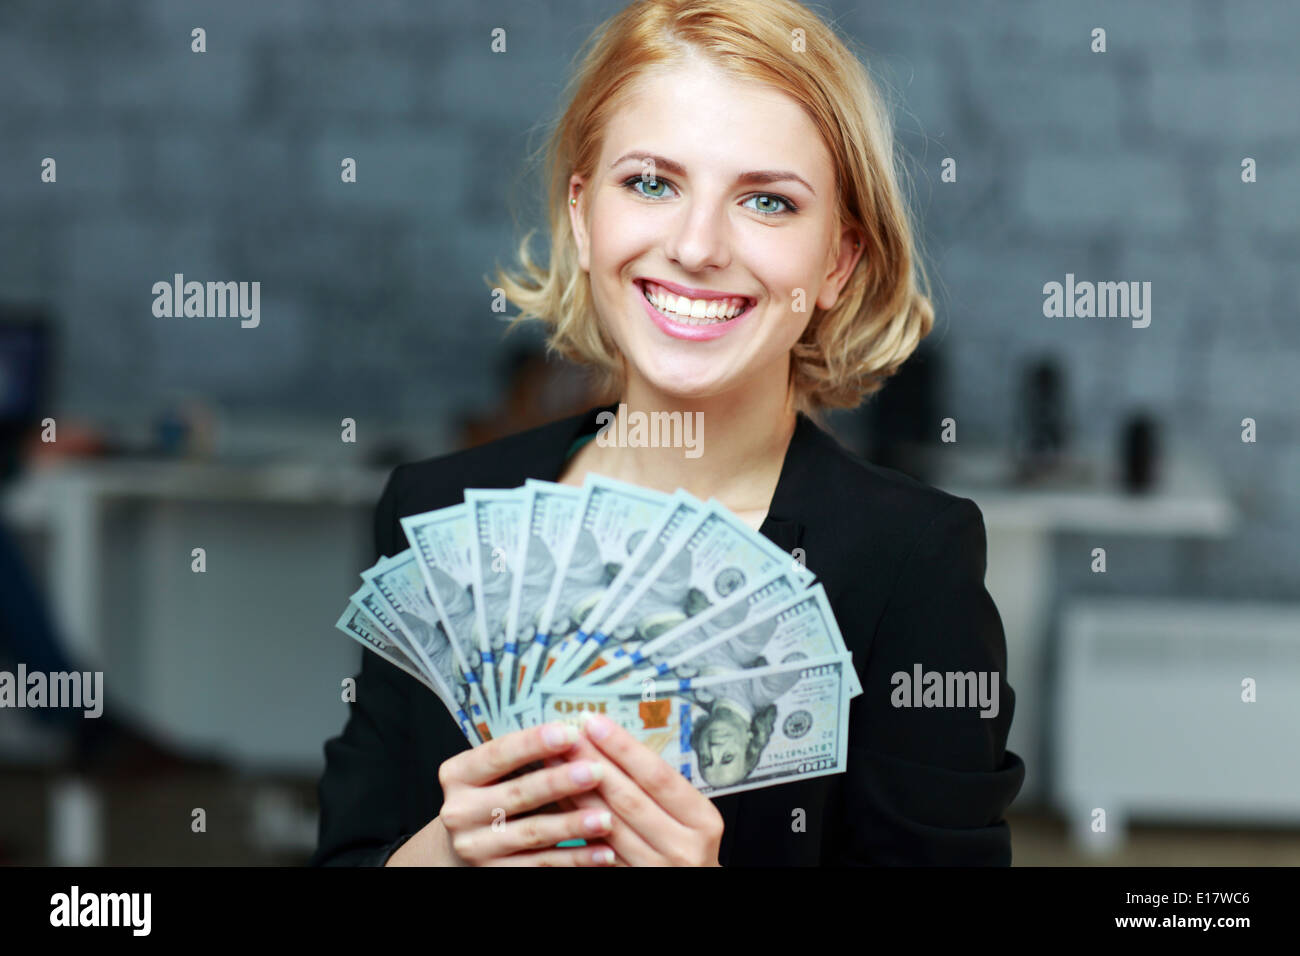 Glücklich lächelnd Geschäftsfrau hält Rechnungen von Dollar im Büro Stockbild